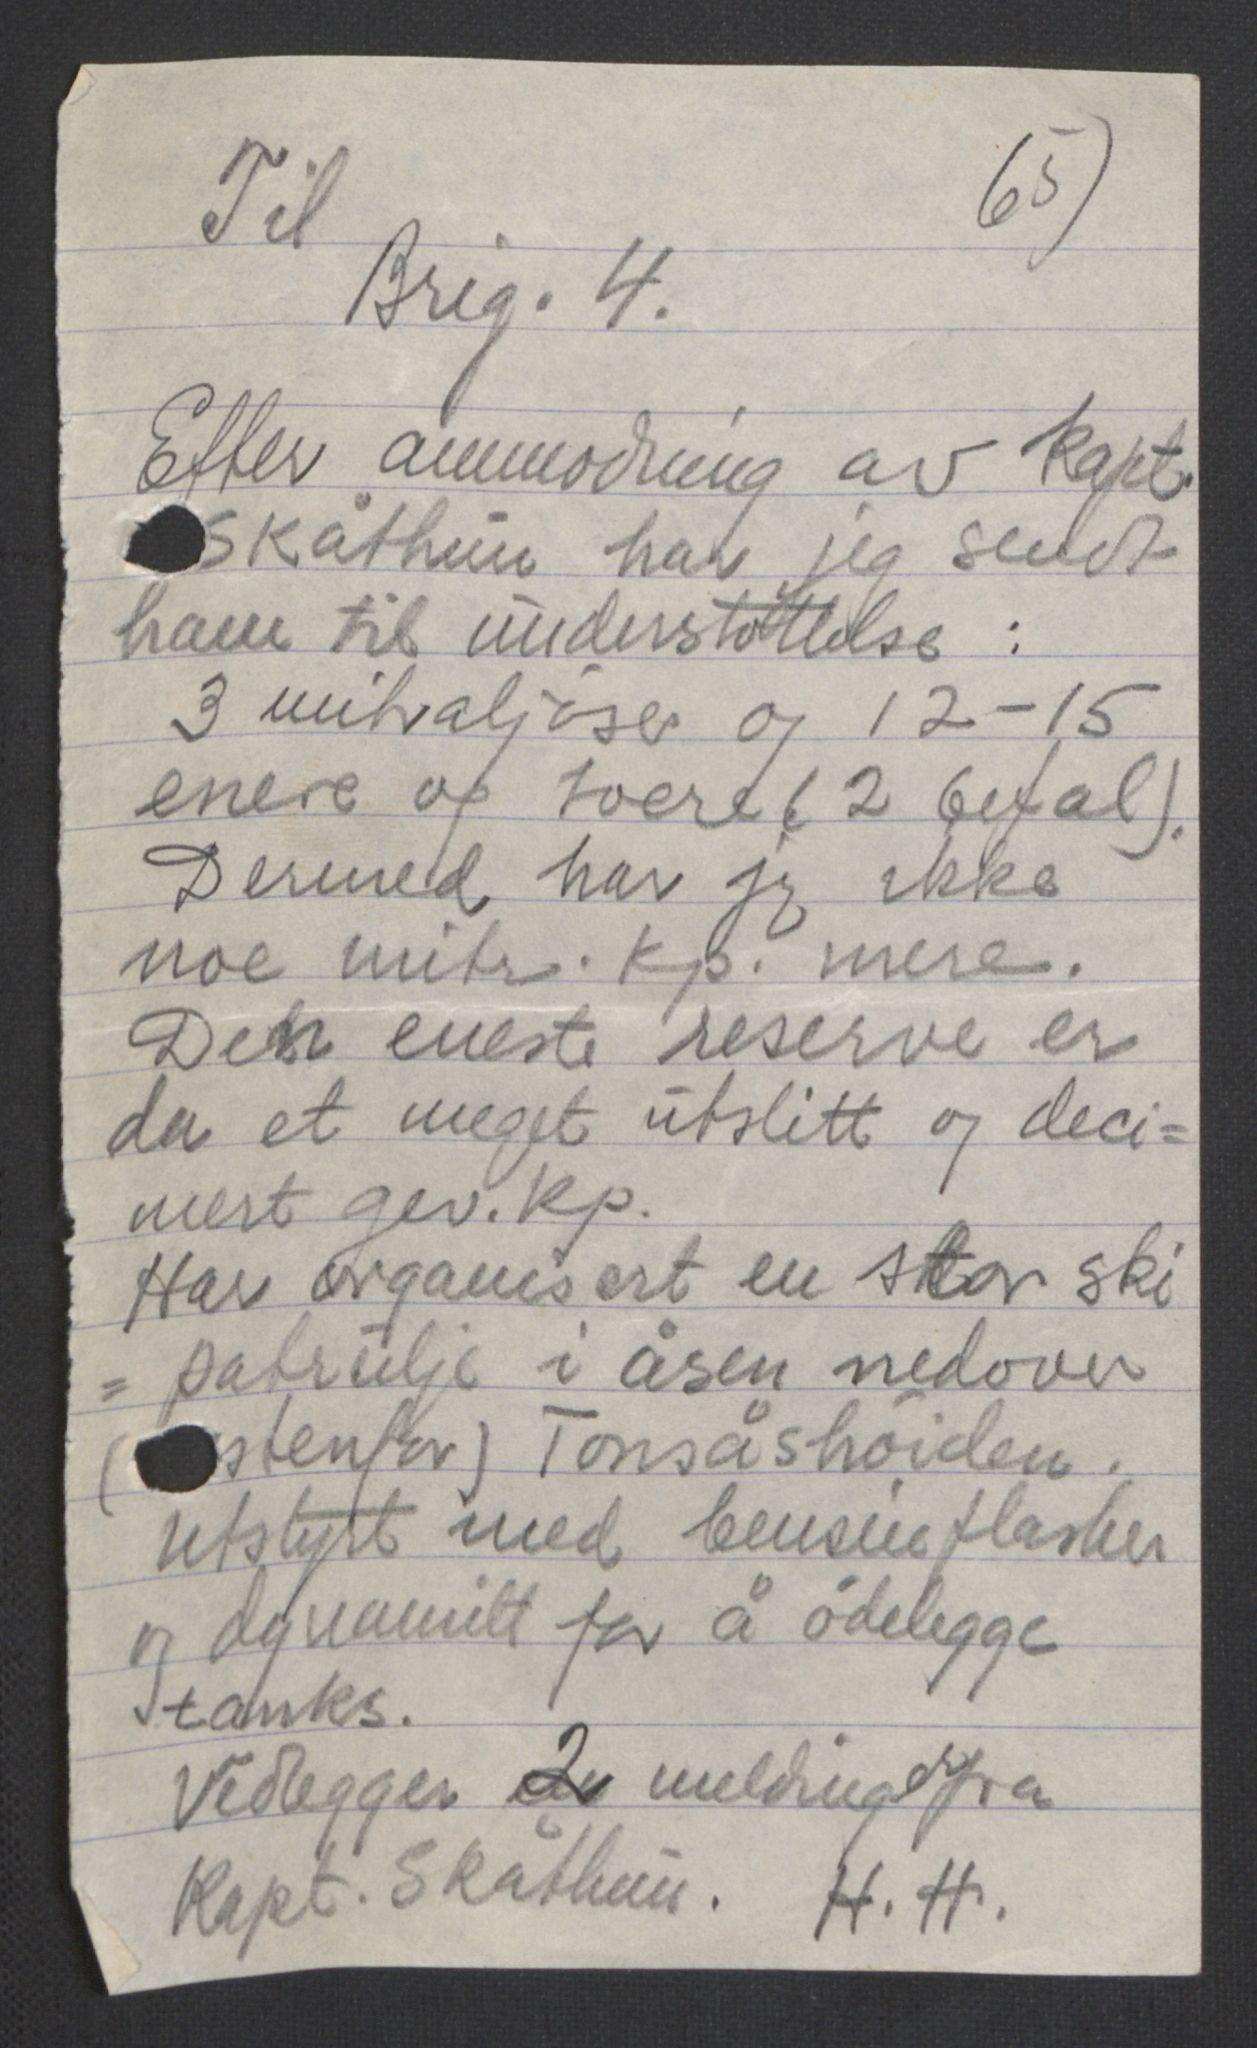 RA, Forsvaret, Forsvarets krigshistoriske avdeling, Y/Yb/L0104: II-C-11-430  -  4. Divisjon., 1940, s. 193